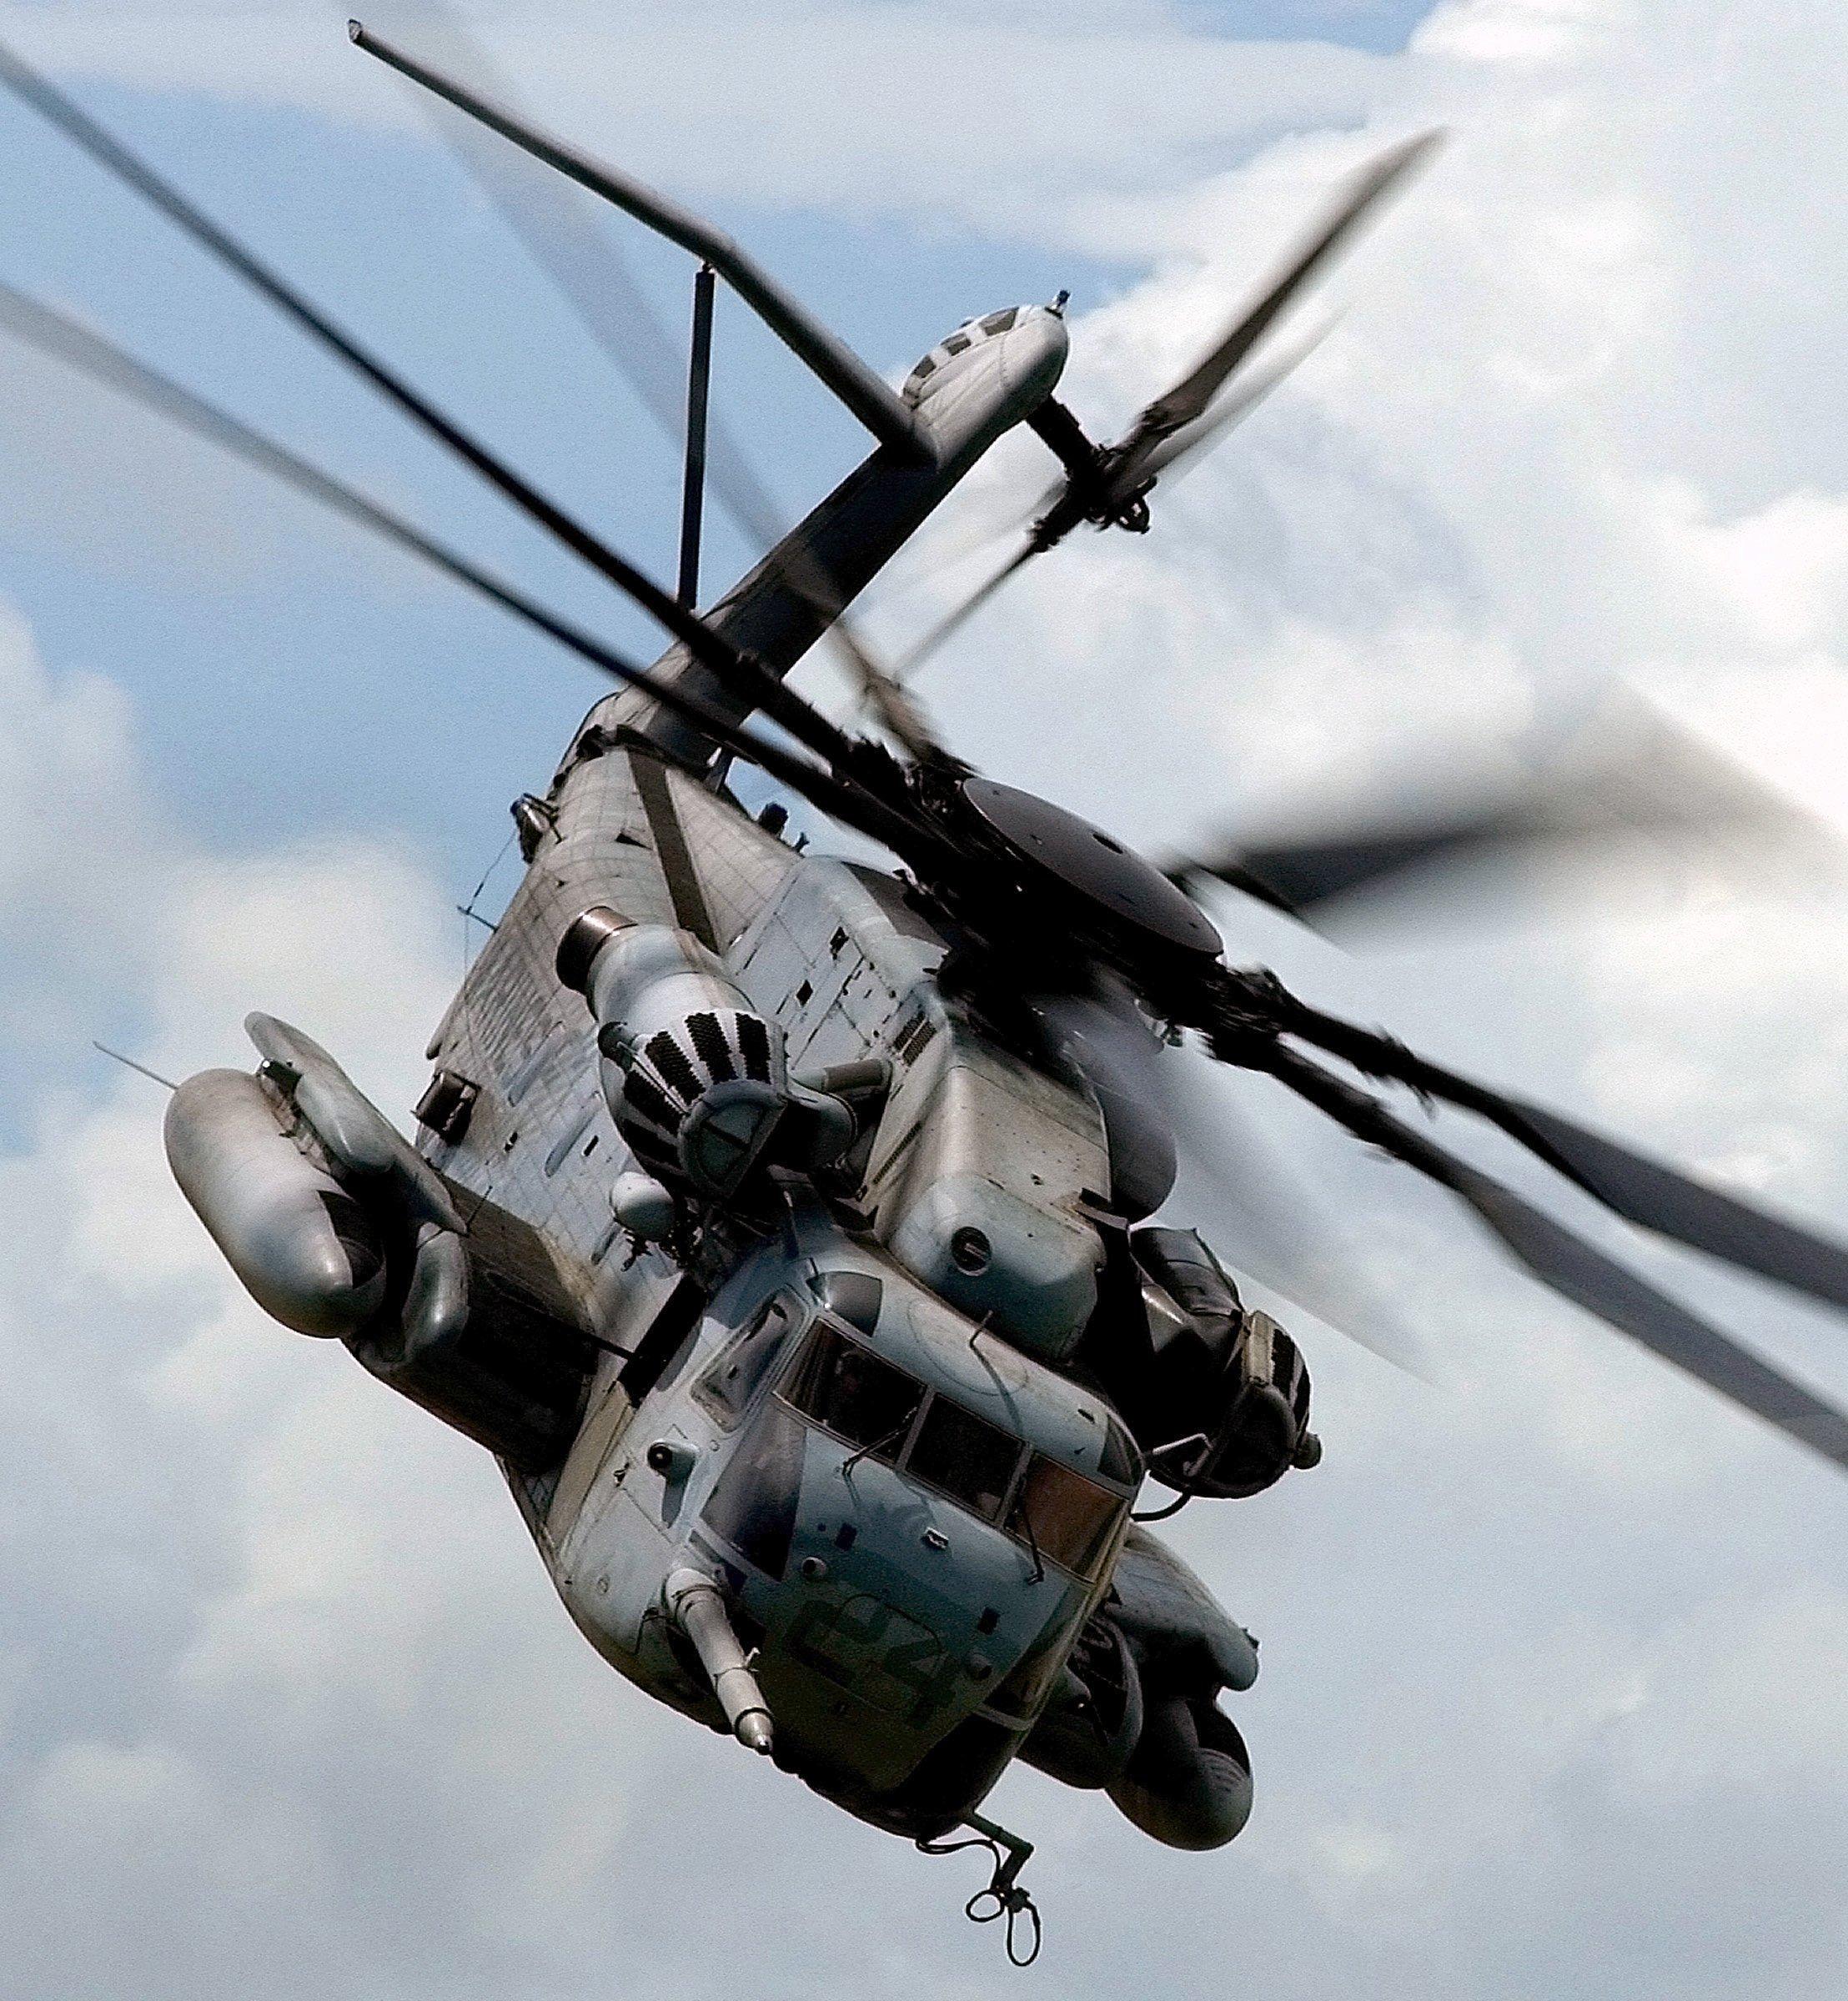 ヘリコプター, 軍事, 飛ぶ, 戦争, 軍 - HD の壁紙 - 教授-falken.com